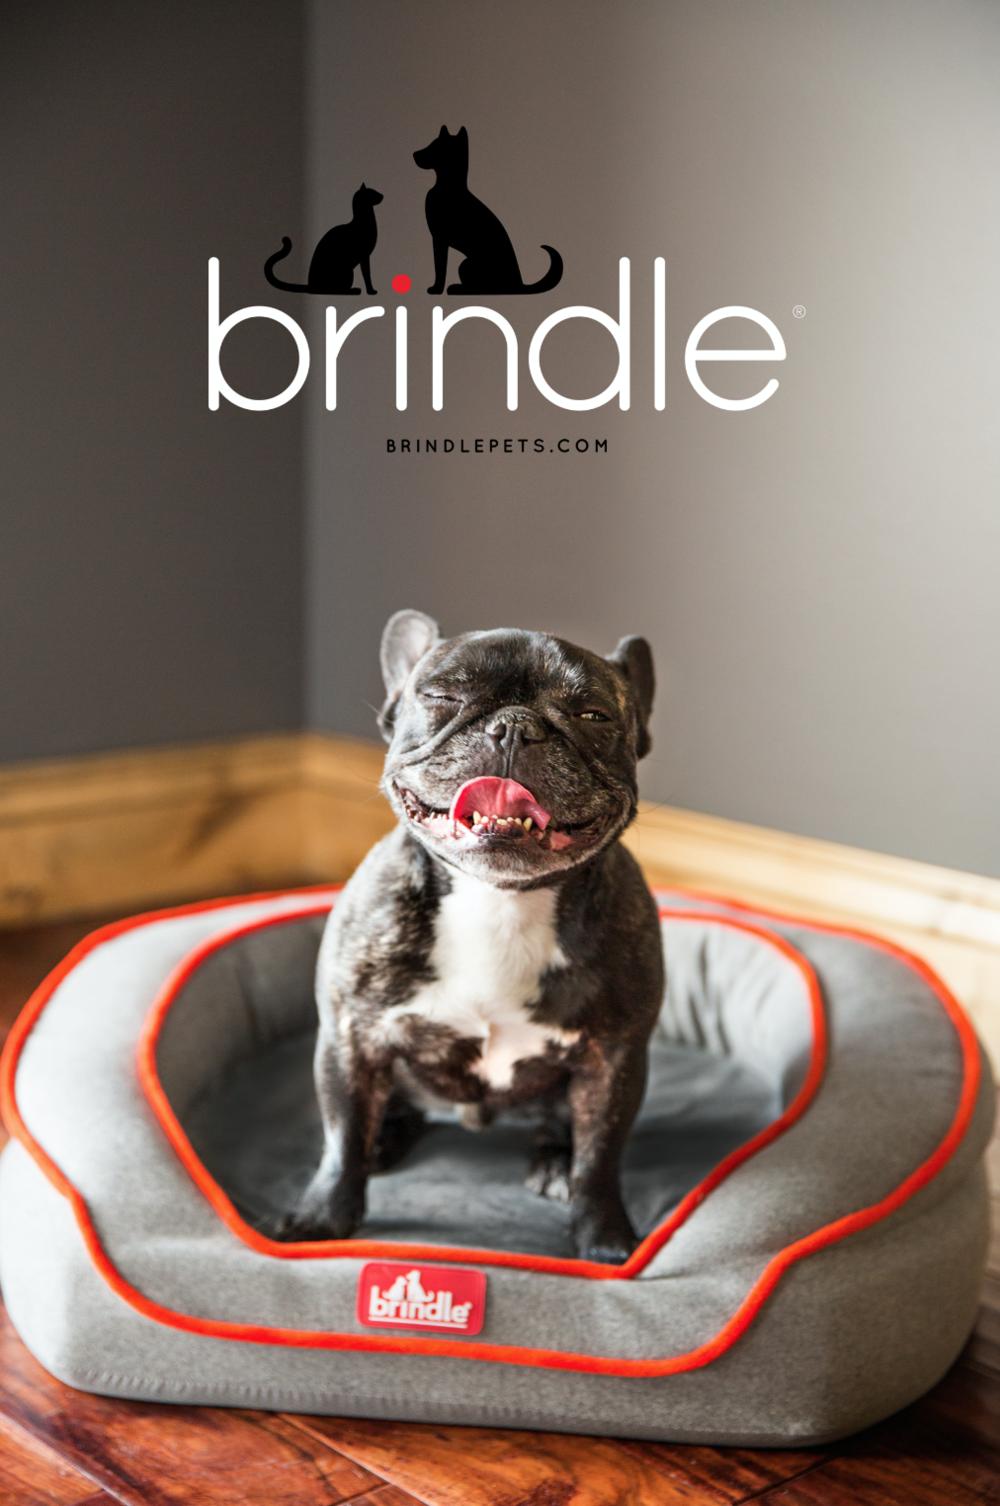 Brindle_TradeshowBanner.png